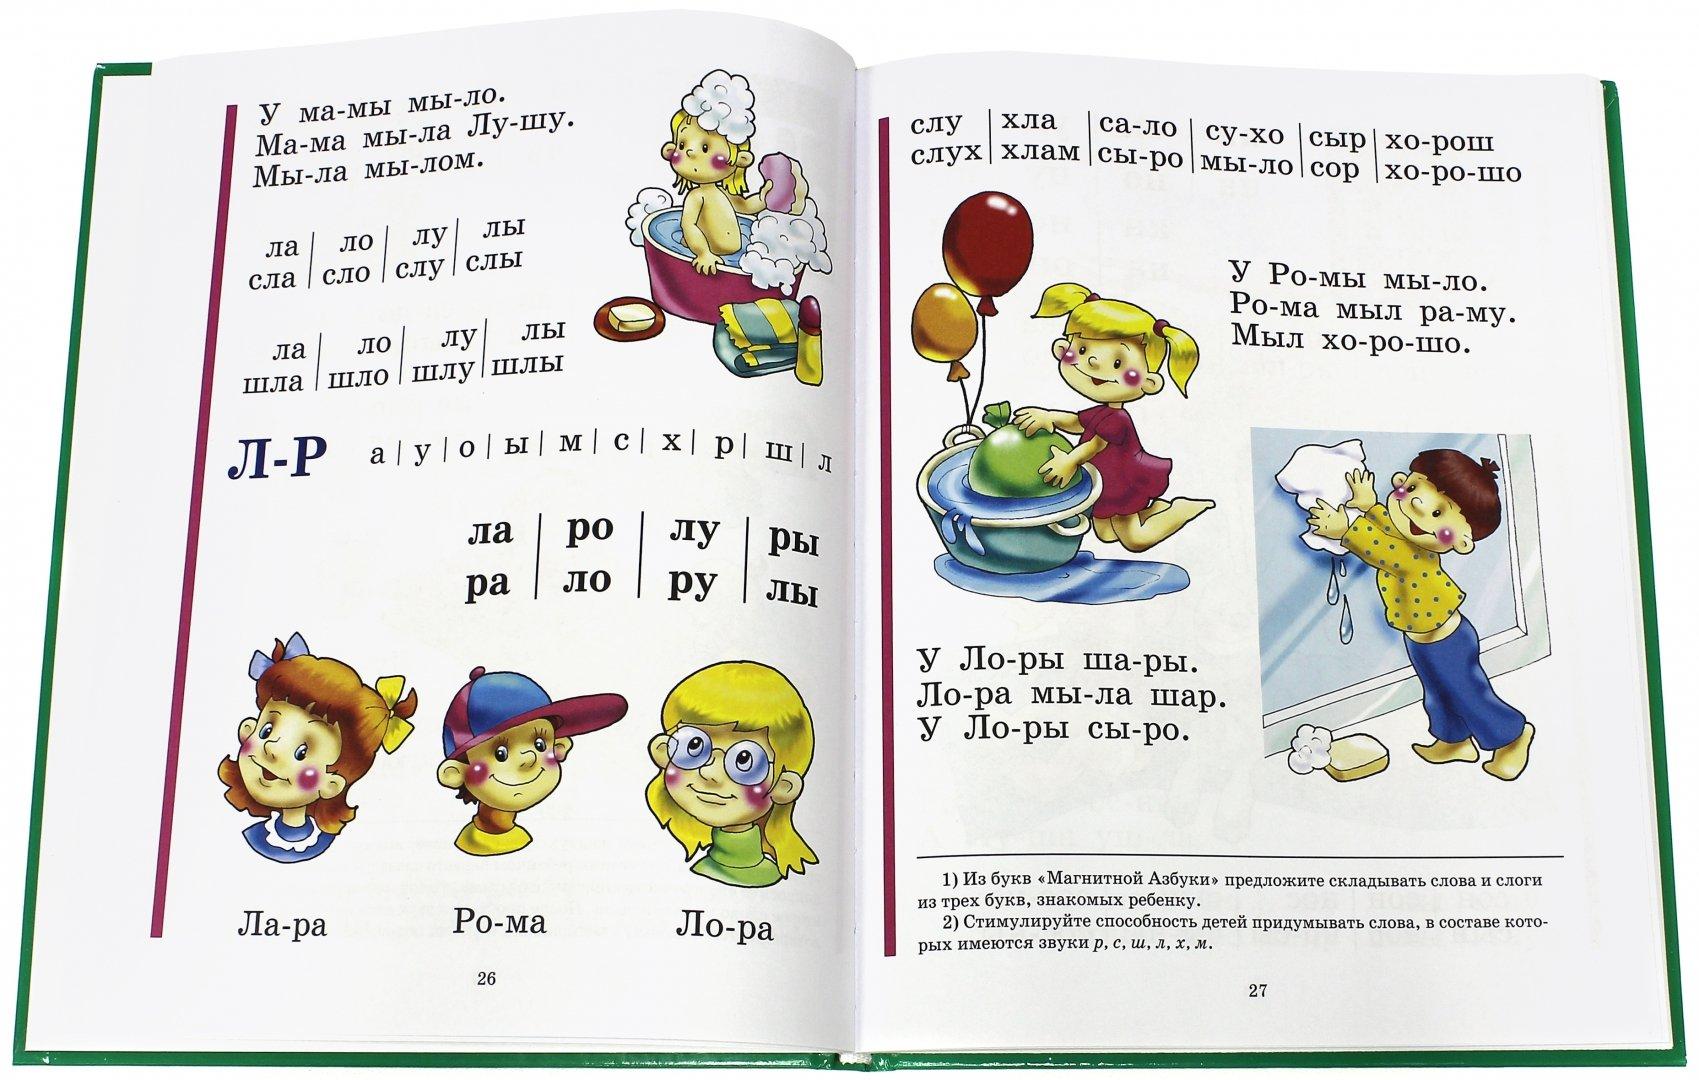 Иллюстрация 1 из 209 для Букварь. Учебное пособие - Надежда Жукова | Лабиринт - книги. Источник: Лабиринт